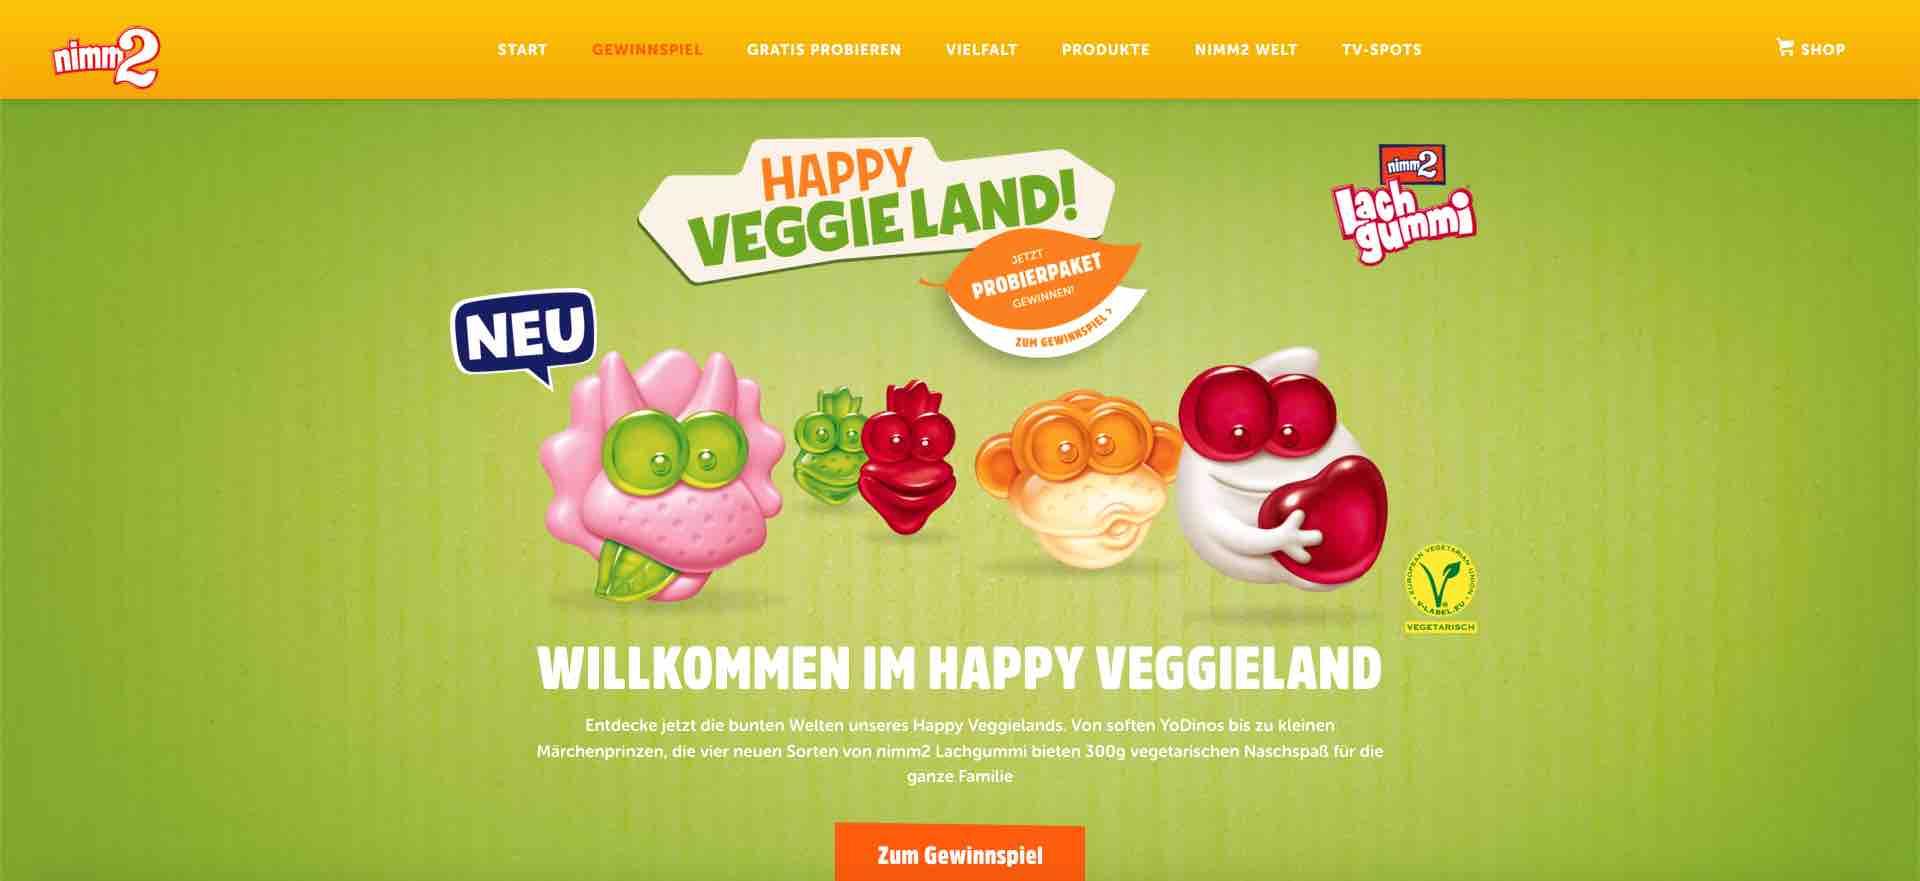 nimm2 happy veggieland gewinnspiel